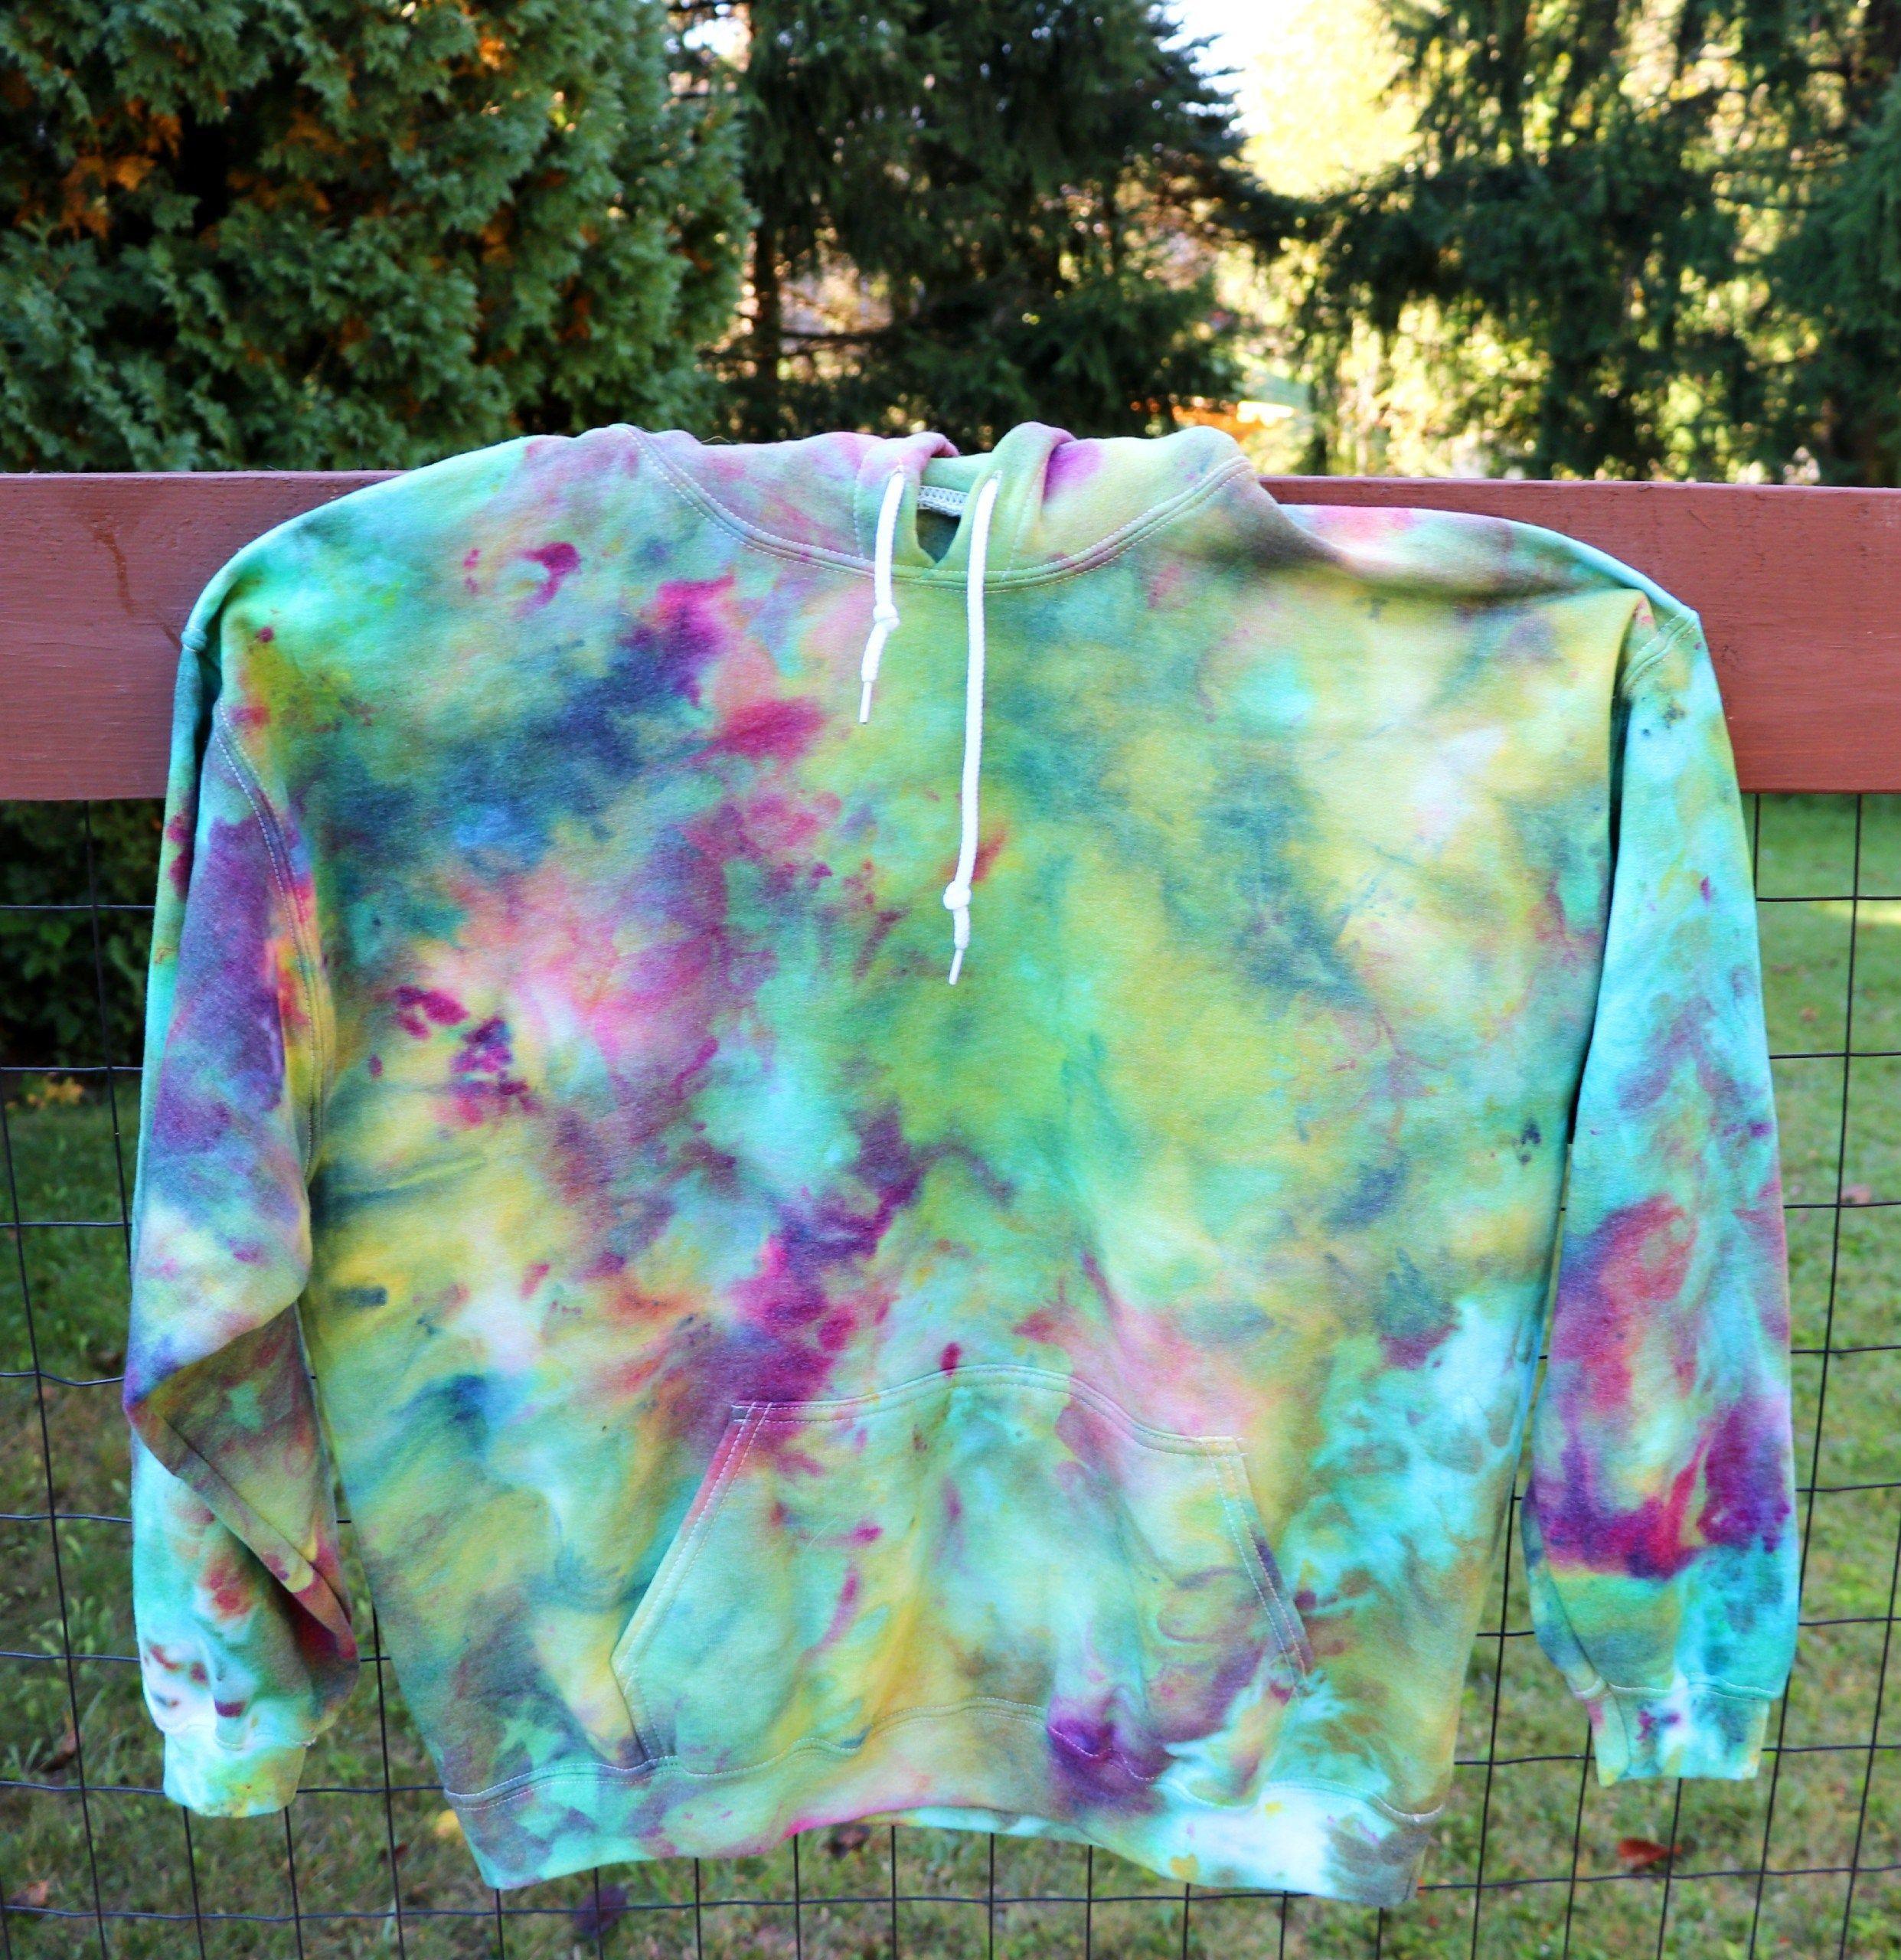 Predownload: Green Lagoon Tie Dye Hoodie Watercolor Tie Dye Sweatshirt Etsy Tie Dye Hoodie Tie Dye Upcycle Shirt [ 2560 x 2483 Pixel ]